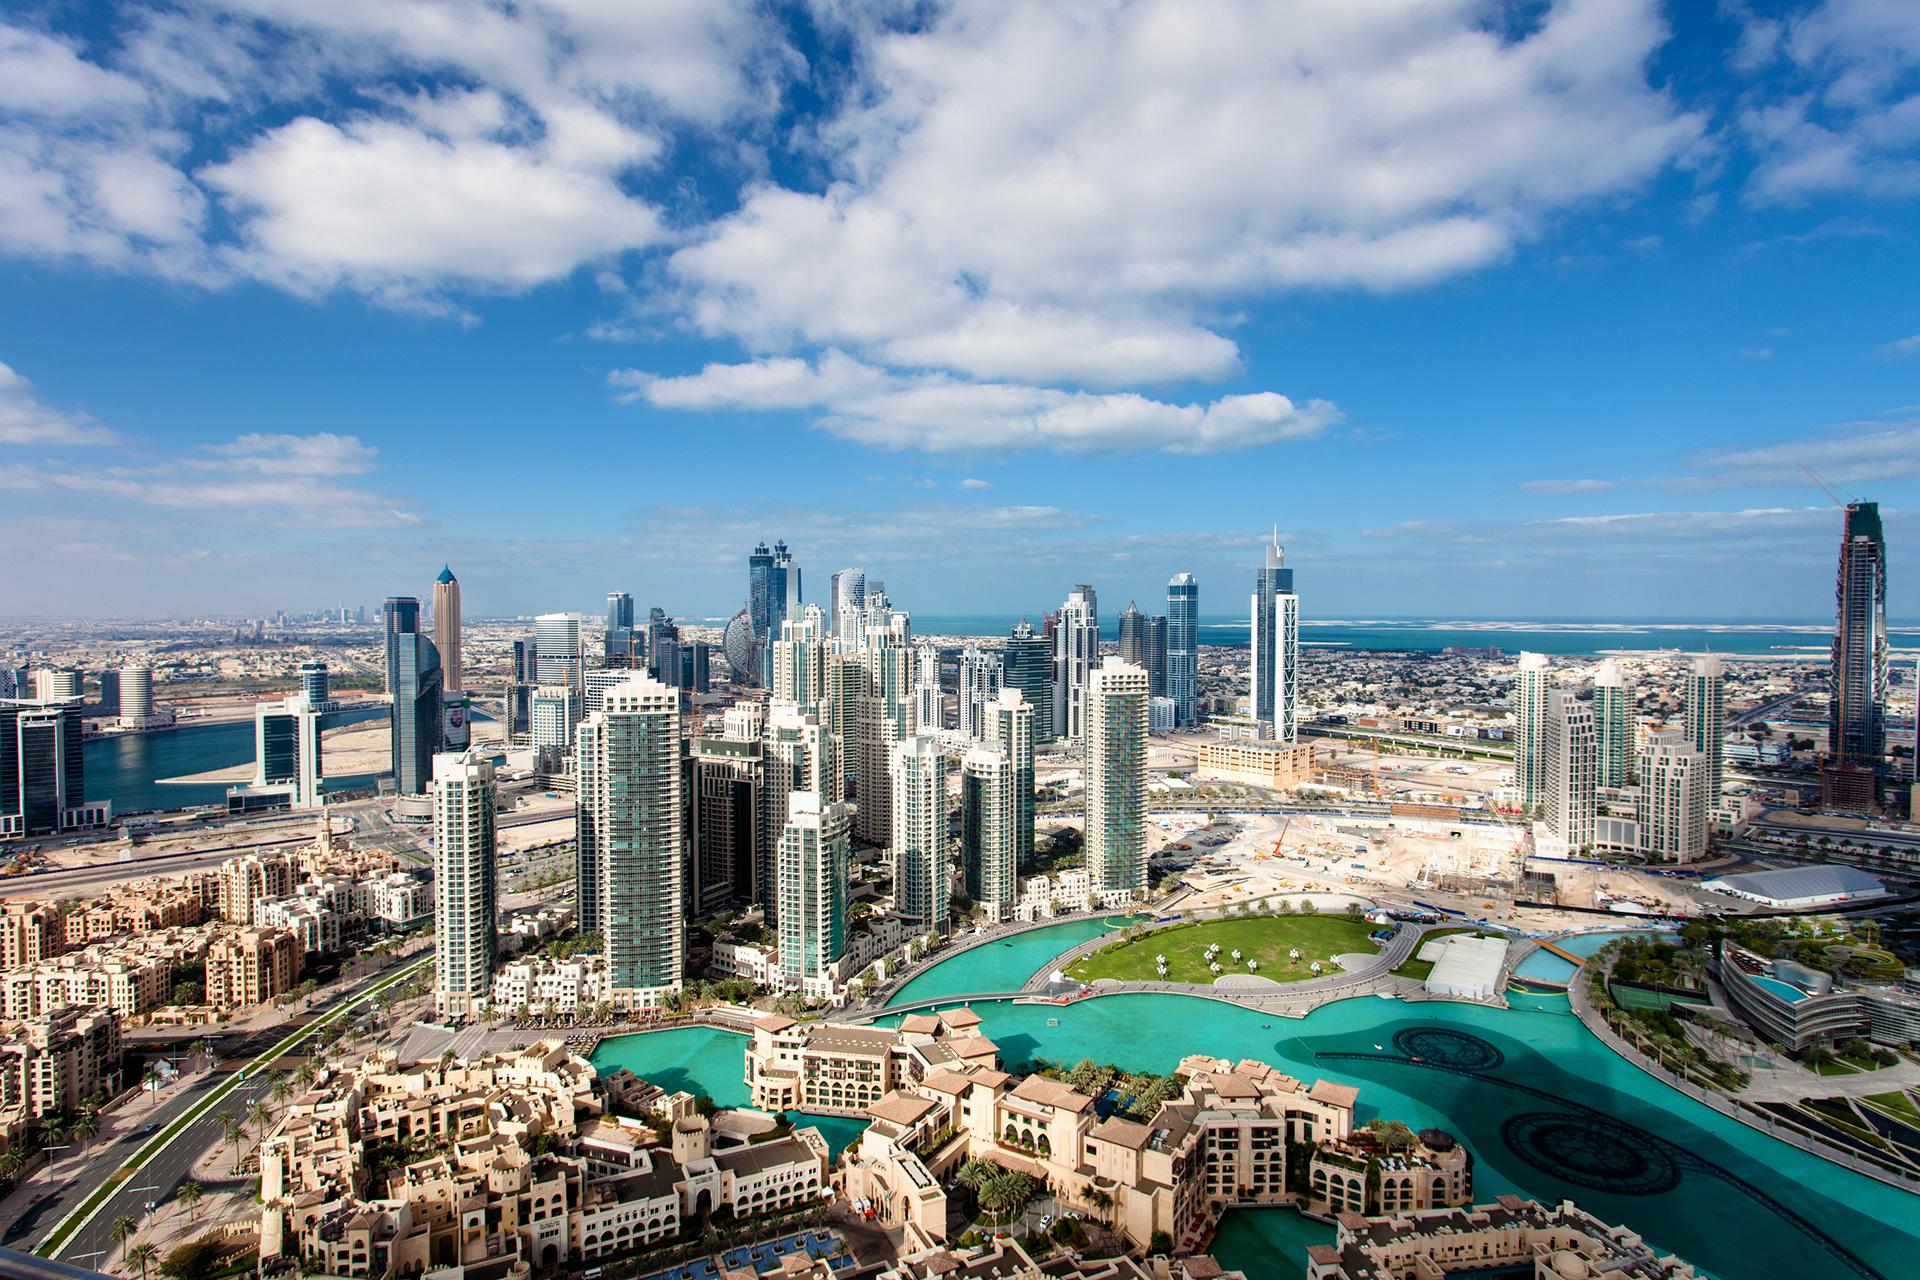 بورصة دبي تتراجع لأدنى مستوى في أكثر من 5 سنوات